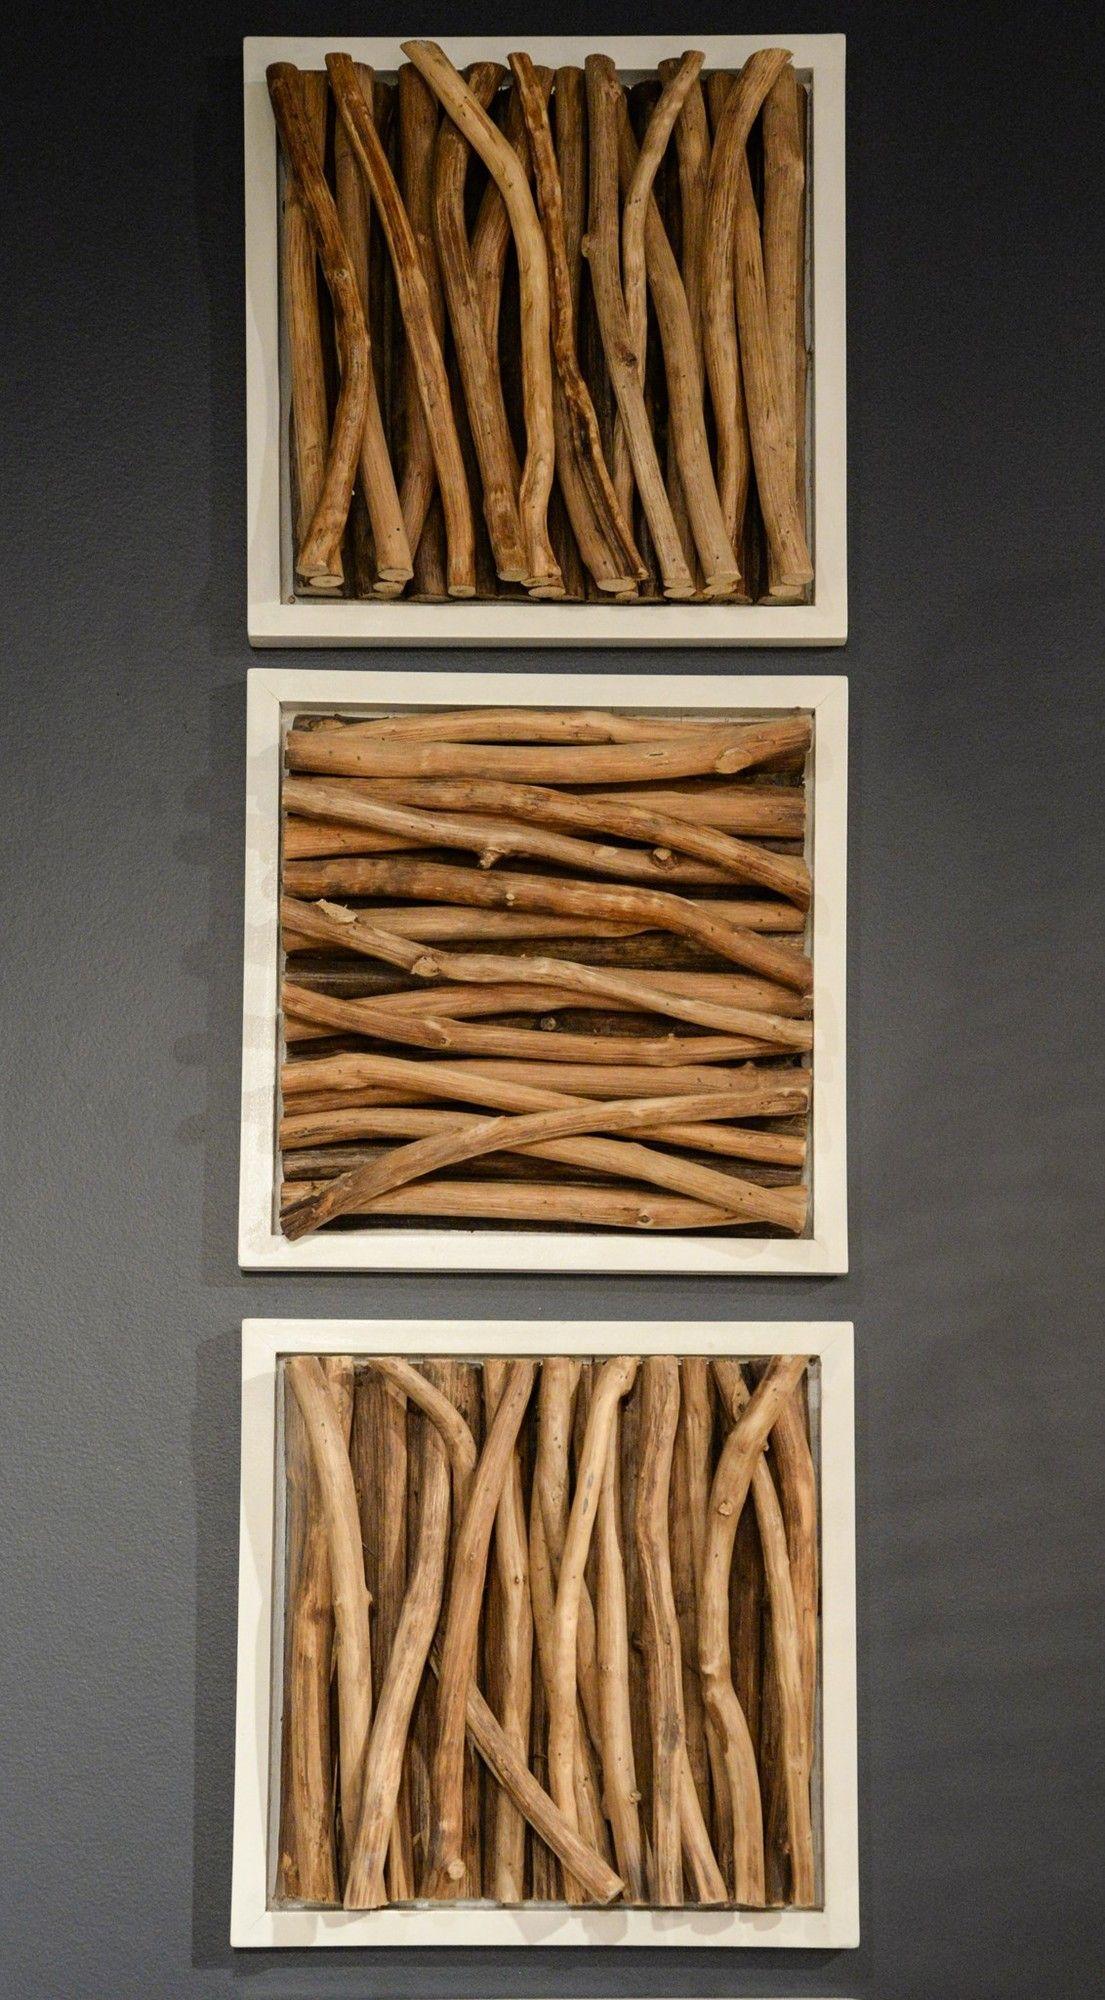 Jeffan Amandra Wood Stick Wall Decor Wood Stick Decor Wooden Wall Decor Wood Wall Decor